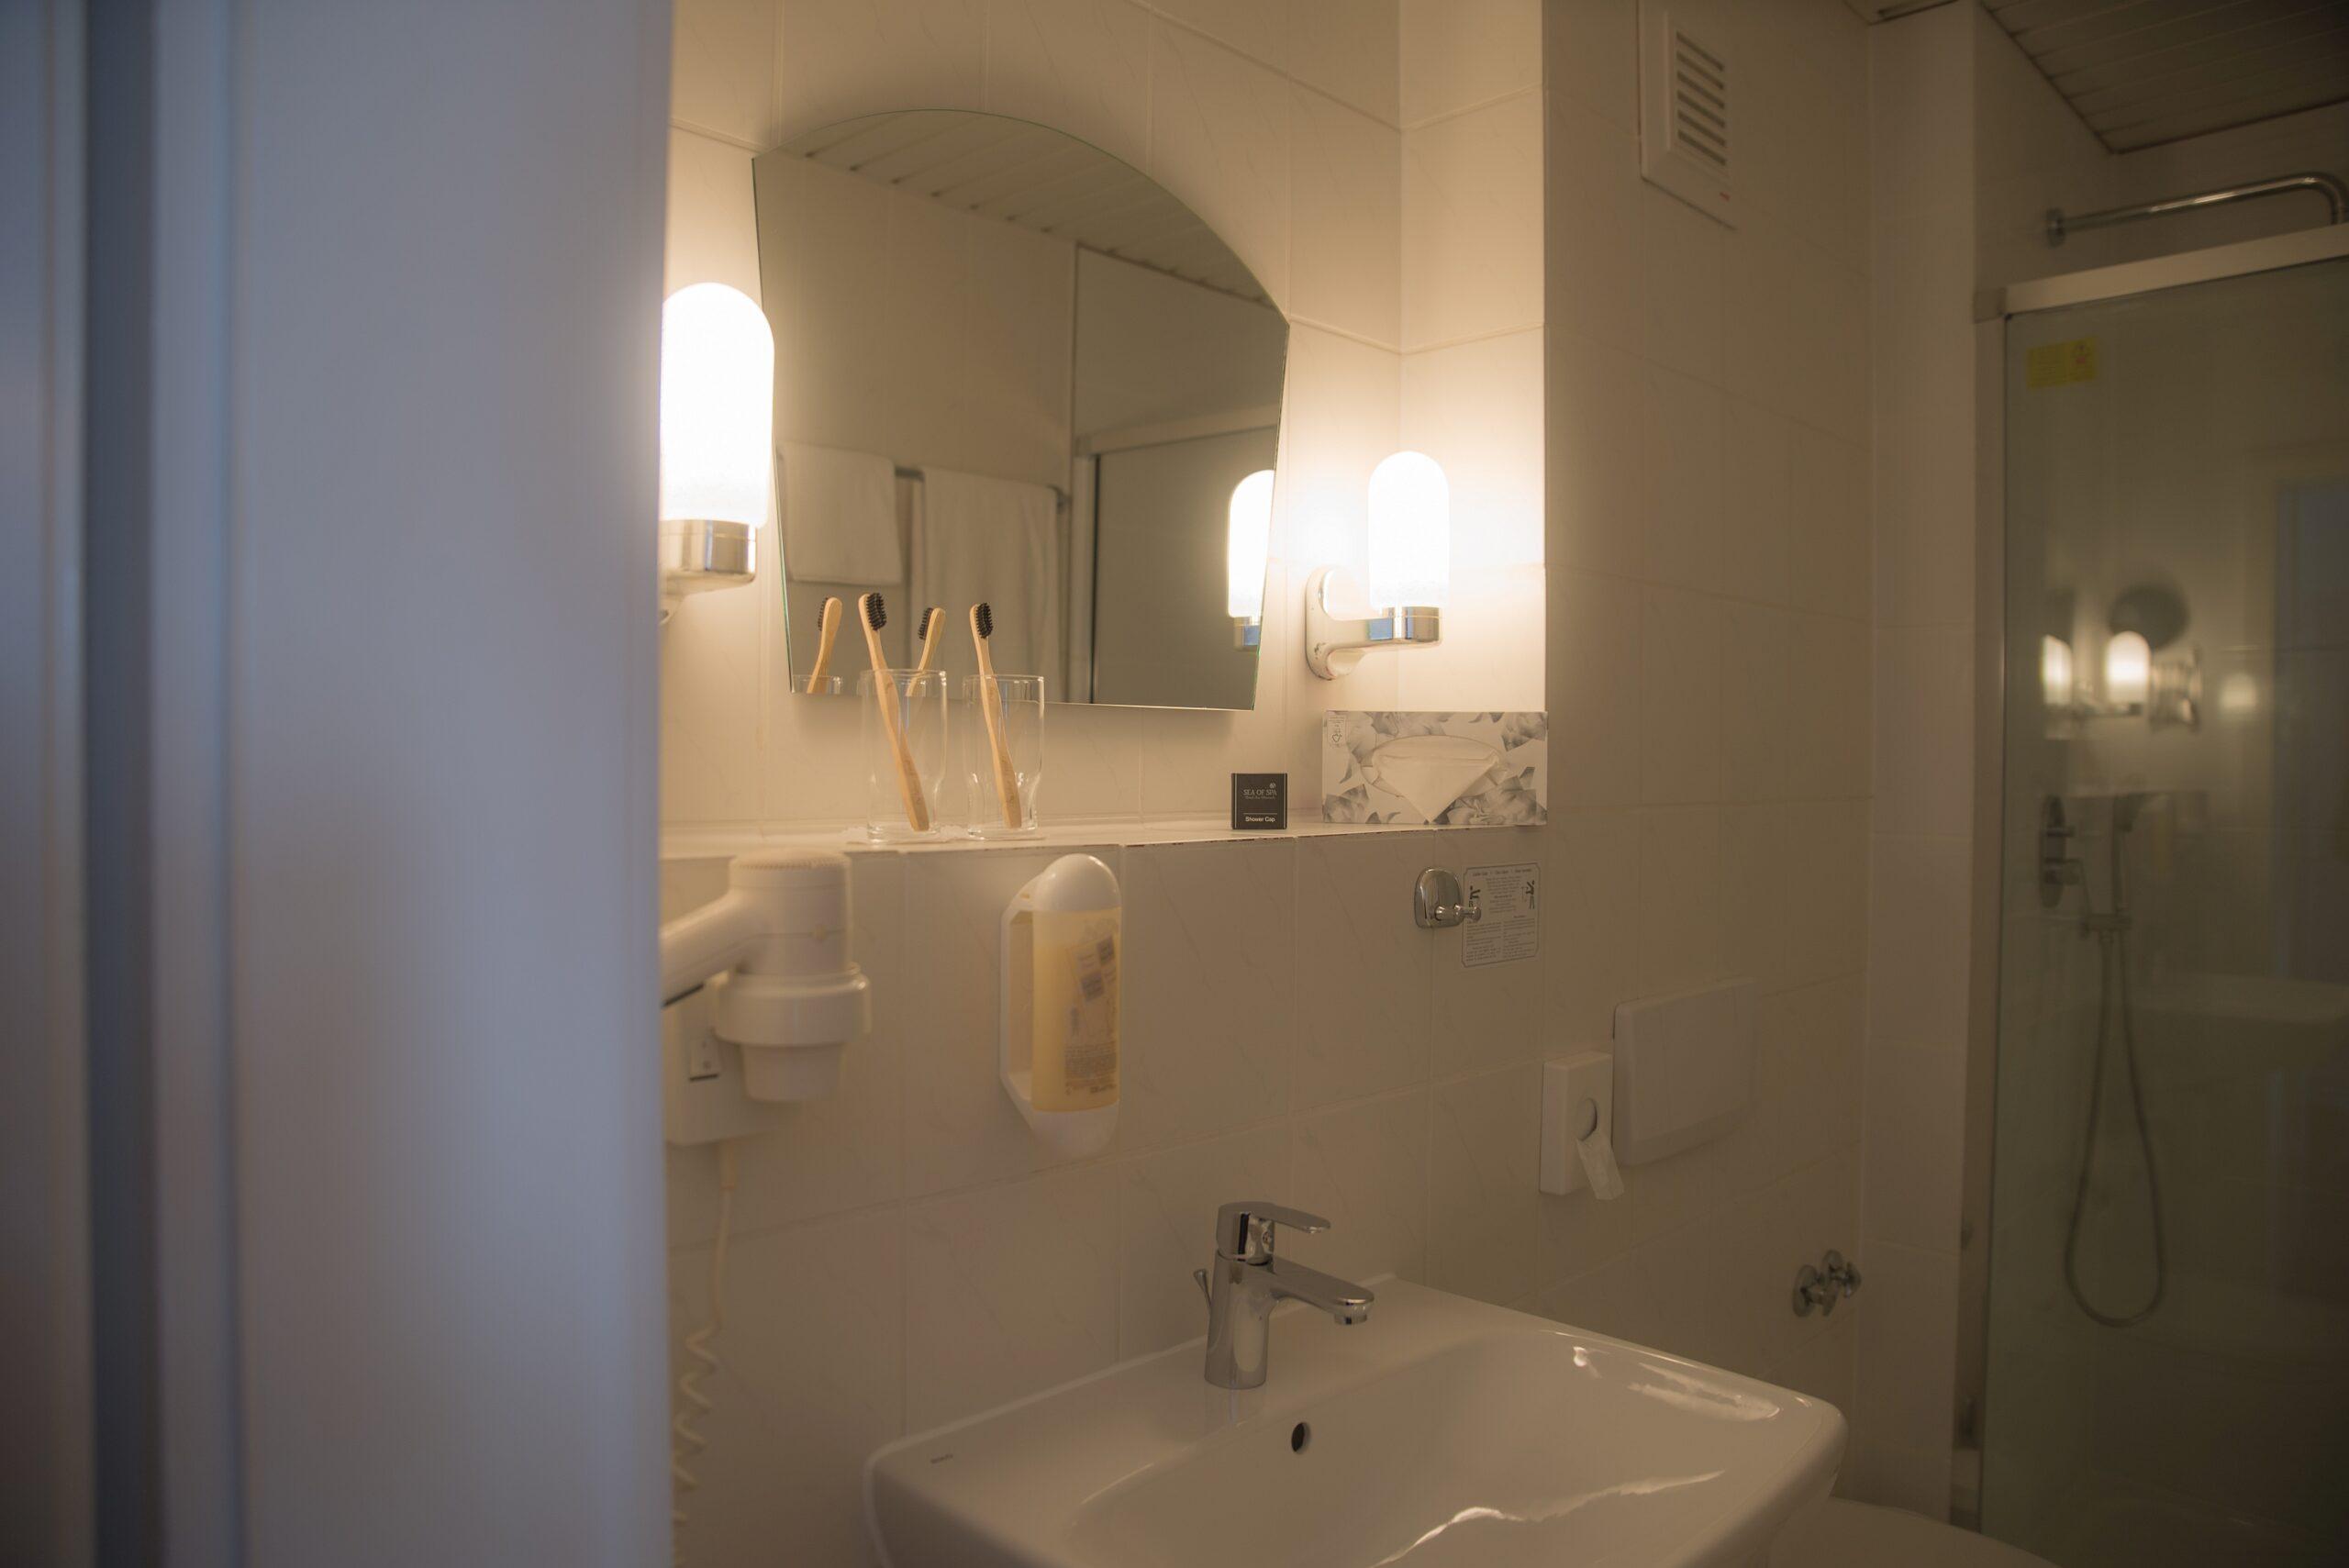 Badezimmer AppK WS scaled